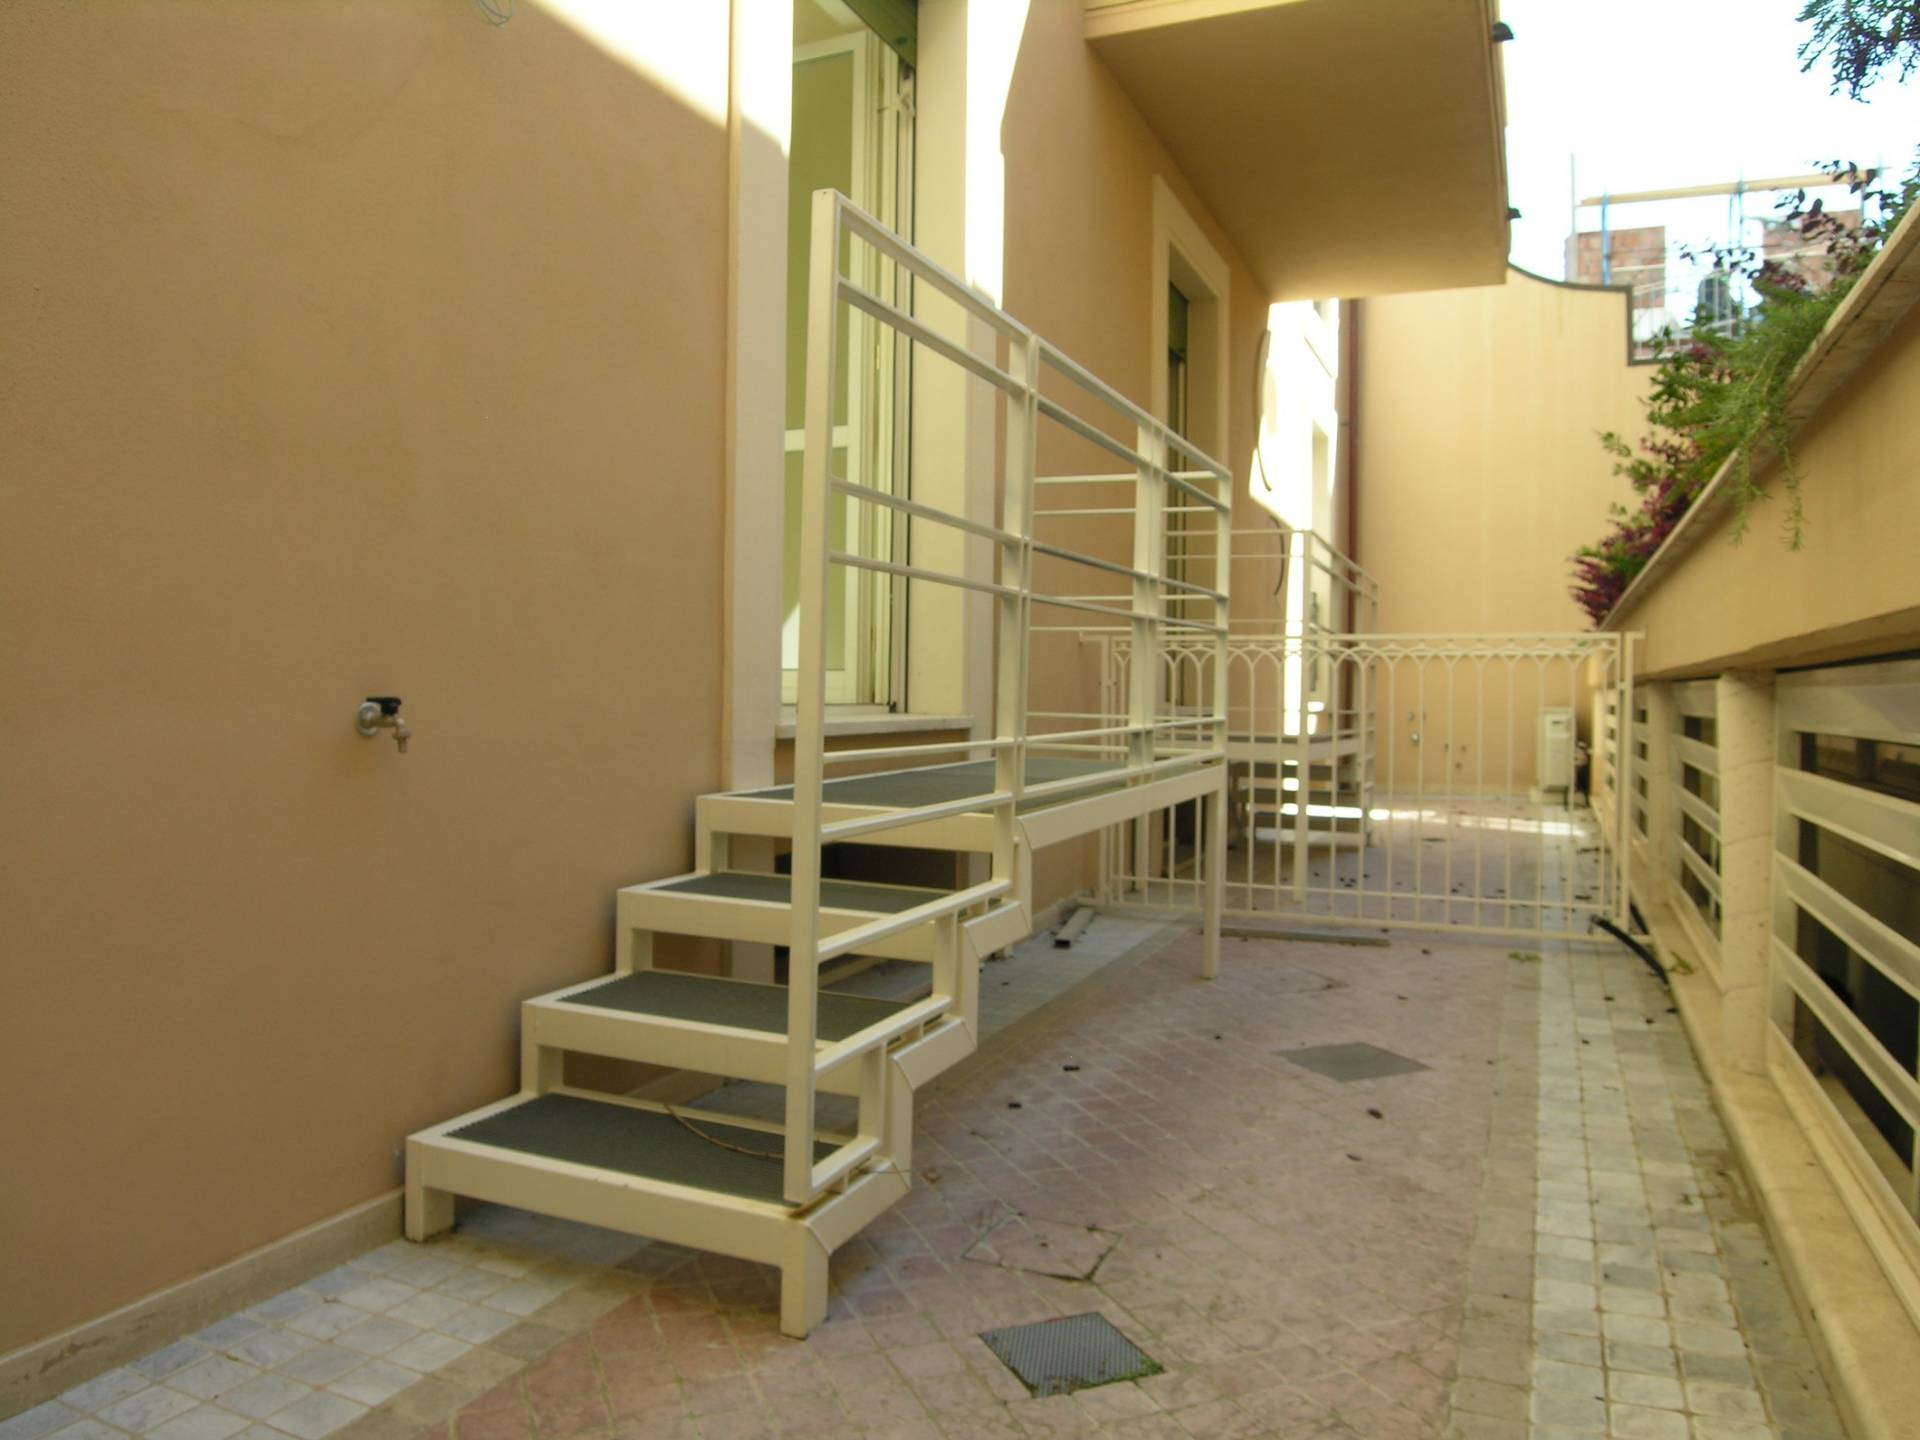 Appartamento in vendita a Viareggio, 5 locali, prezzo € 445.000   PortaleAgenzieImmobiliari.it